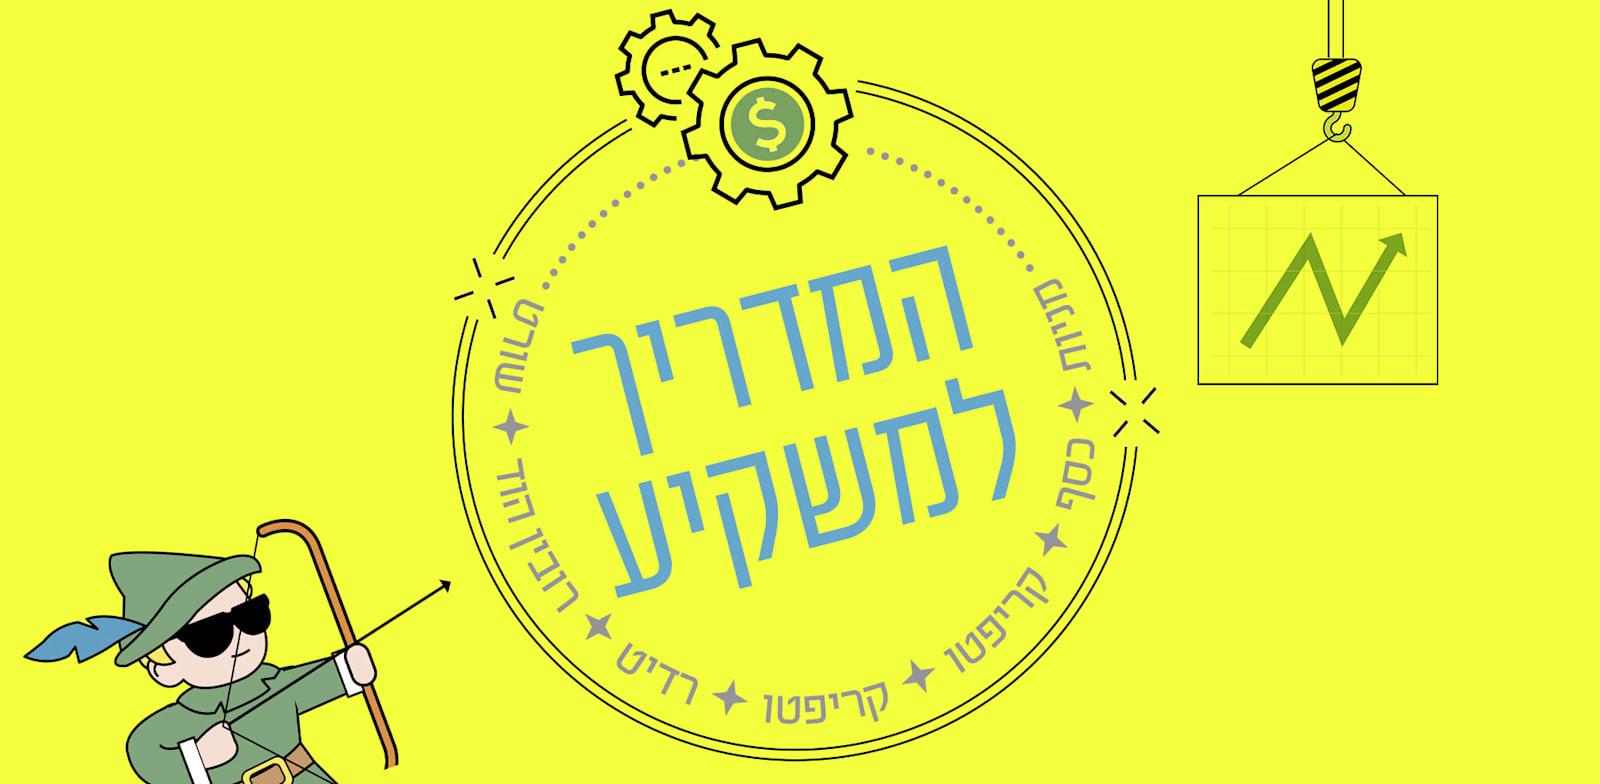 המדריך למשקיע, פרויקט מיוחד / עיצוב: טלי בוגדנובסקי